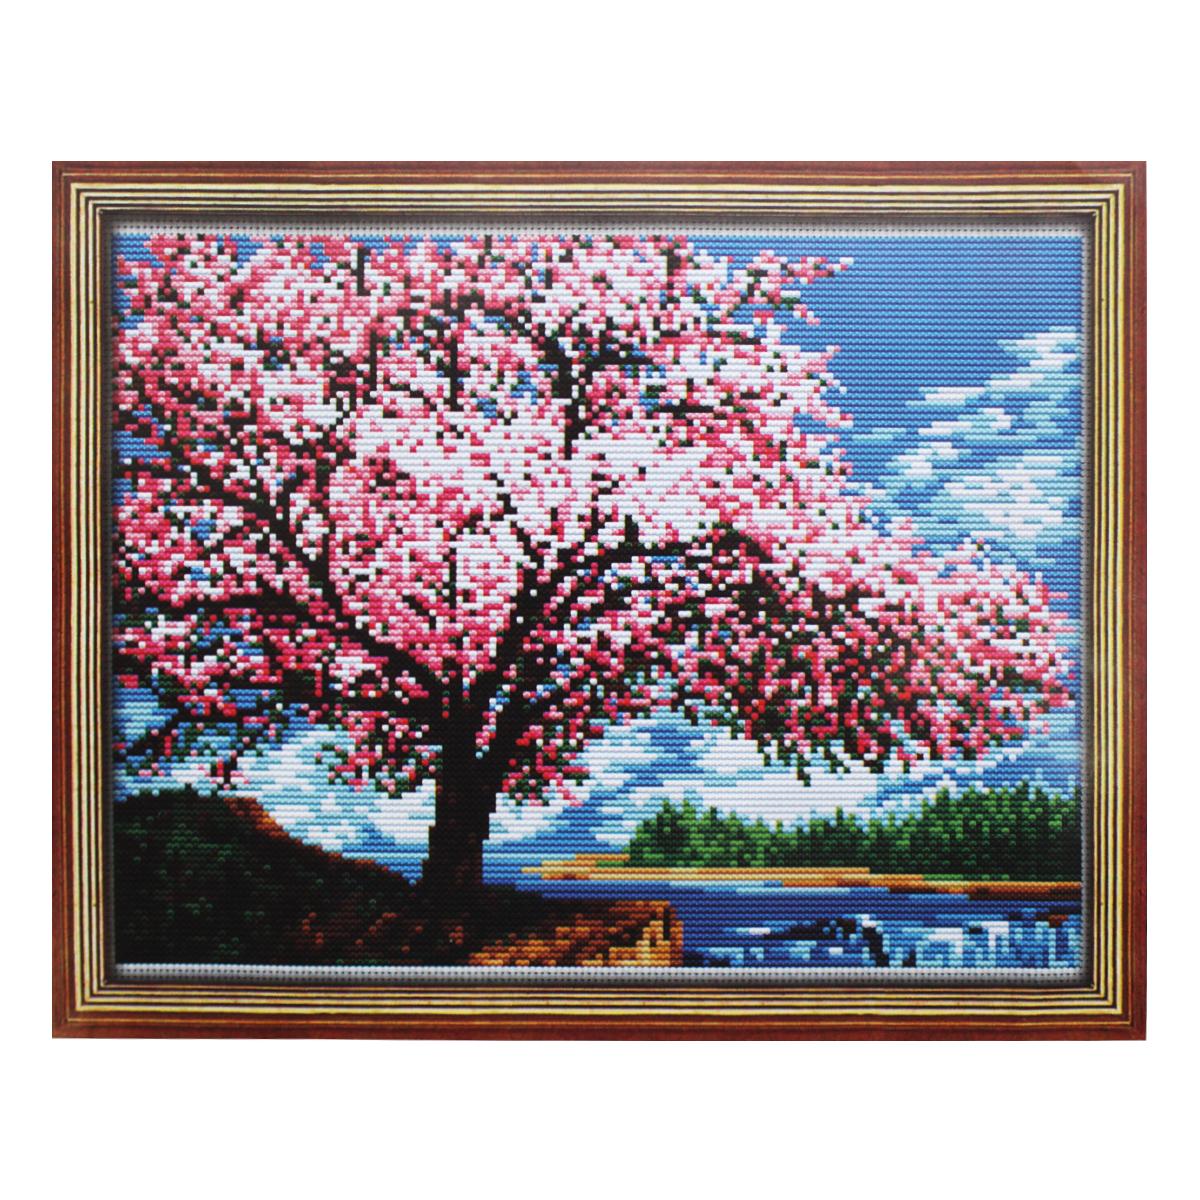 Набор для вышивания Lutars Цветущая яблоня, 27 х 20 см484953Красочные наборы от бренда Lutars станут приятным дополнением к любому интерьеру. В состав набора для вышивания Lutars Цветущая яблоня входит: канва Aida белая или цветная, мулине - 19 цветов, цветная схема, инструкция.